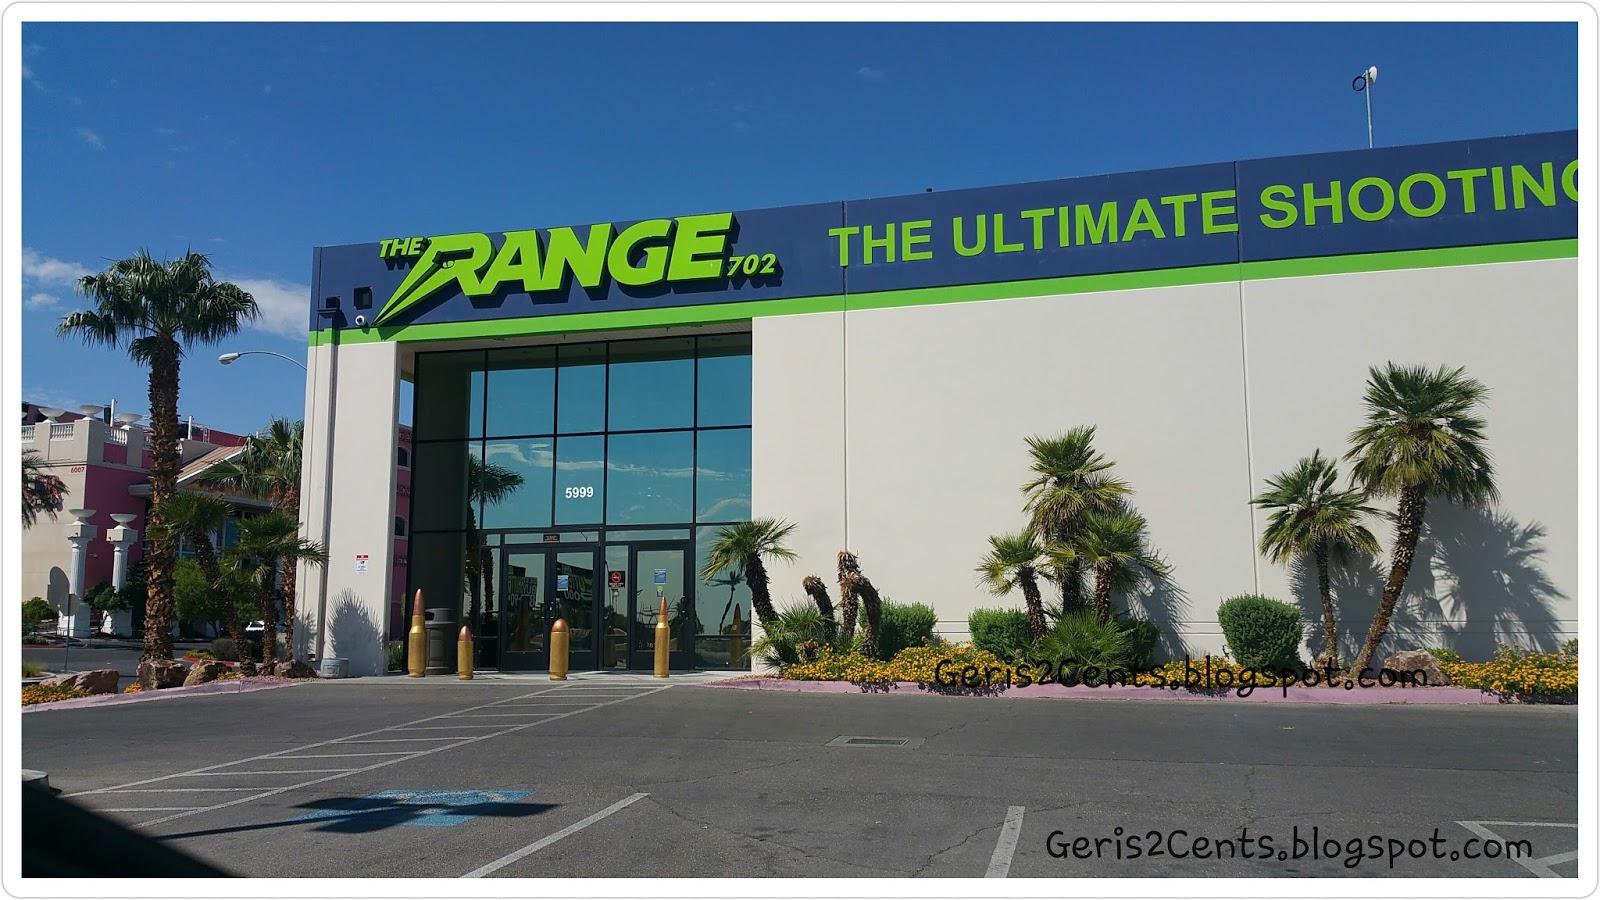 Range 702 coupons